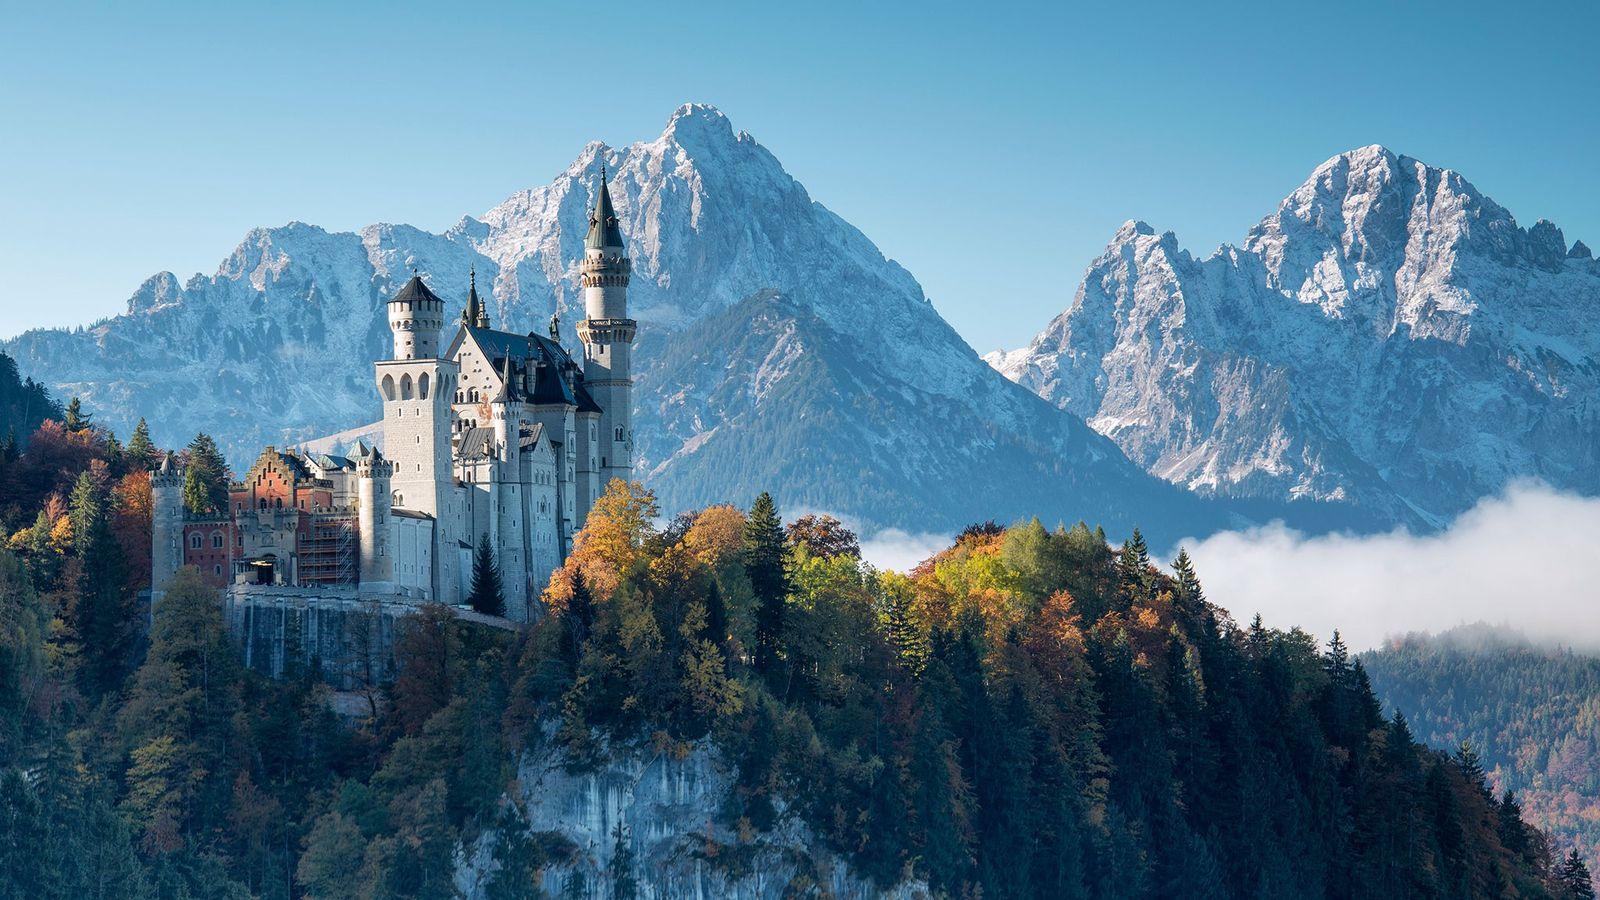 Schloss Neuschwanstein ist das meistbesuchte Schloss Deutschlands und eines der beliebtesten Touristenziele Europas.